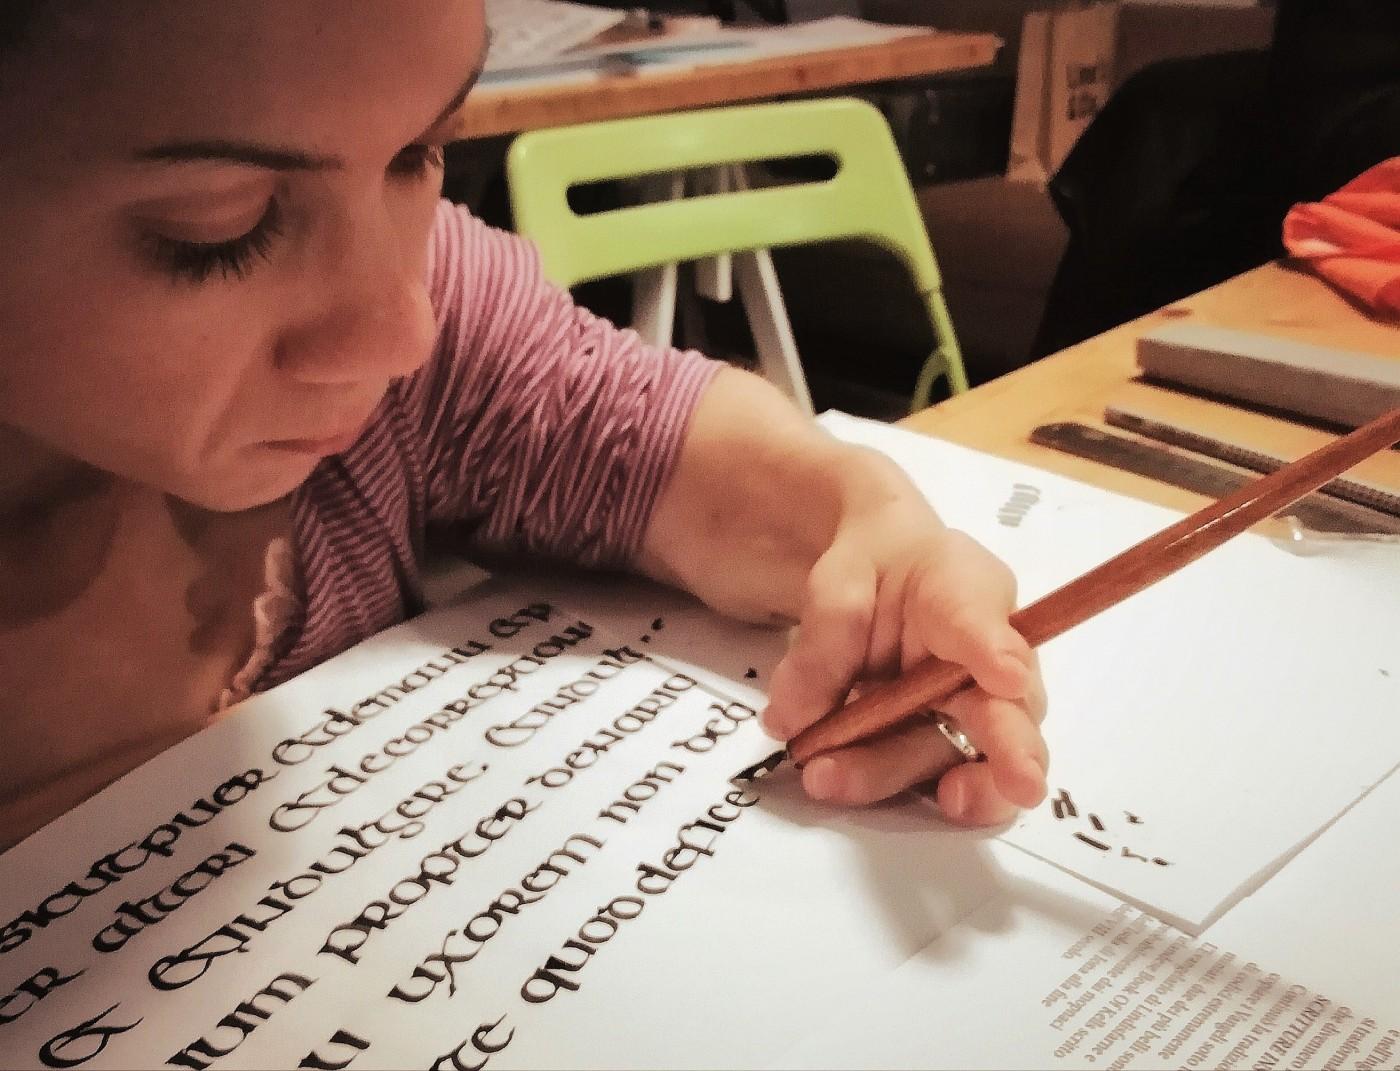 Nanabianca che scrive